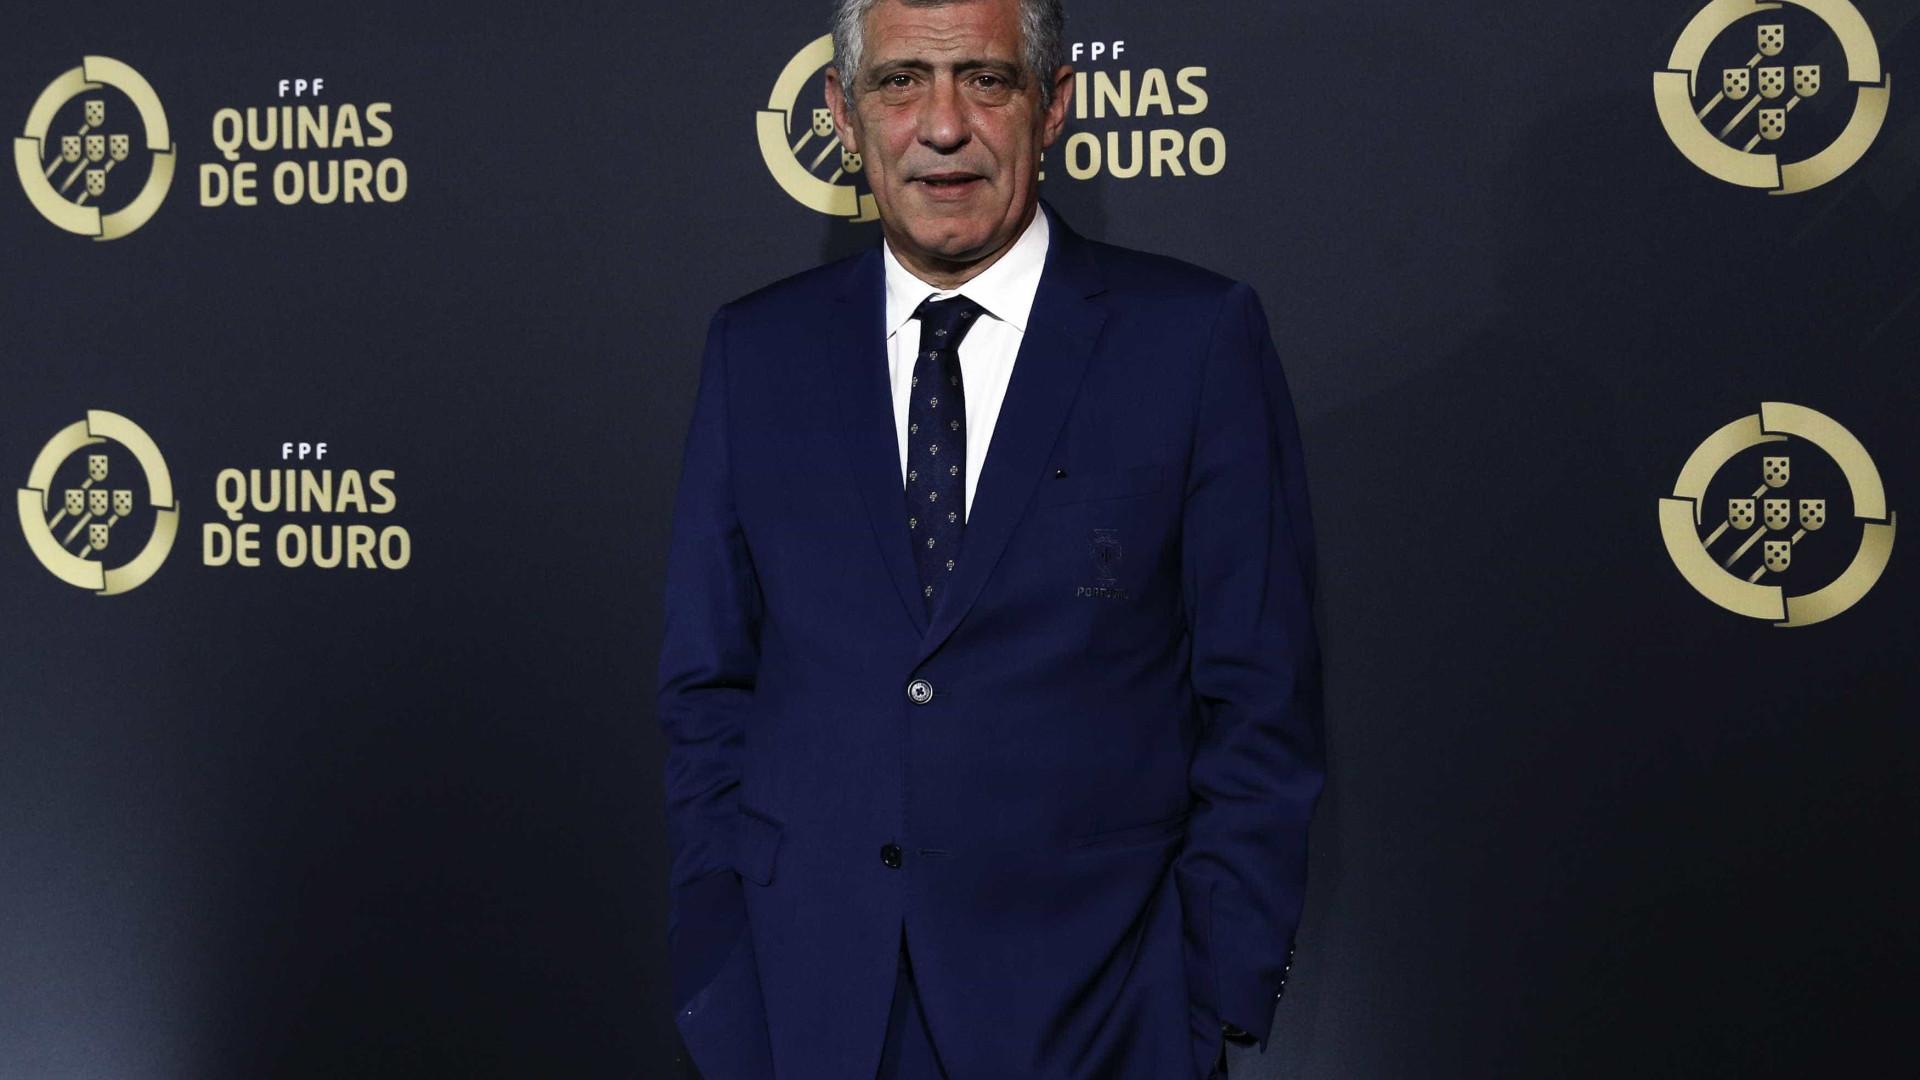 Fernando Santos eleito Treinador do ano na gala Quinas de Ouro